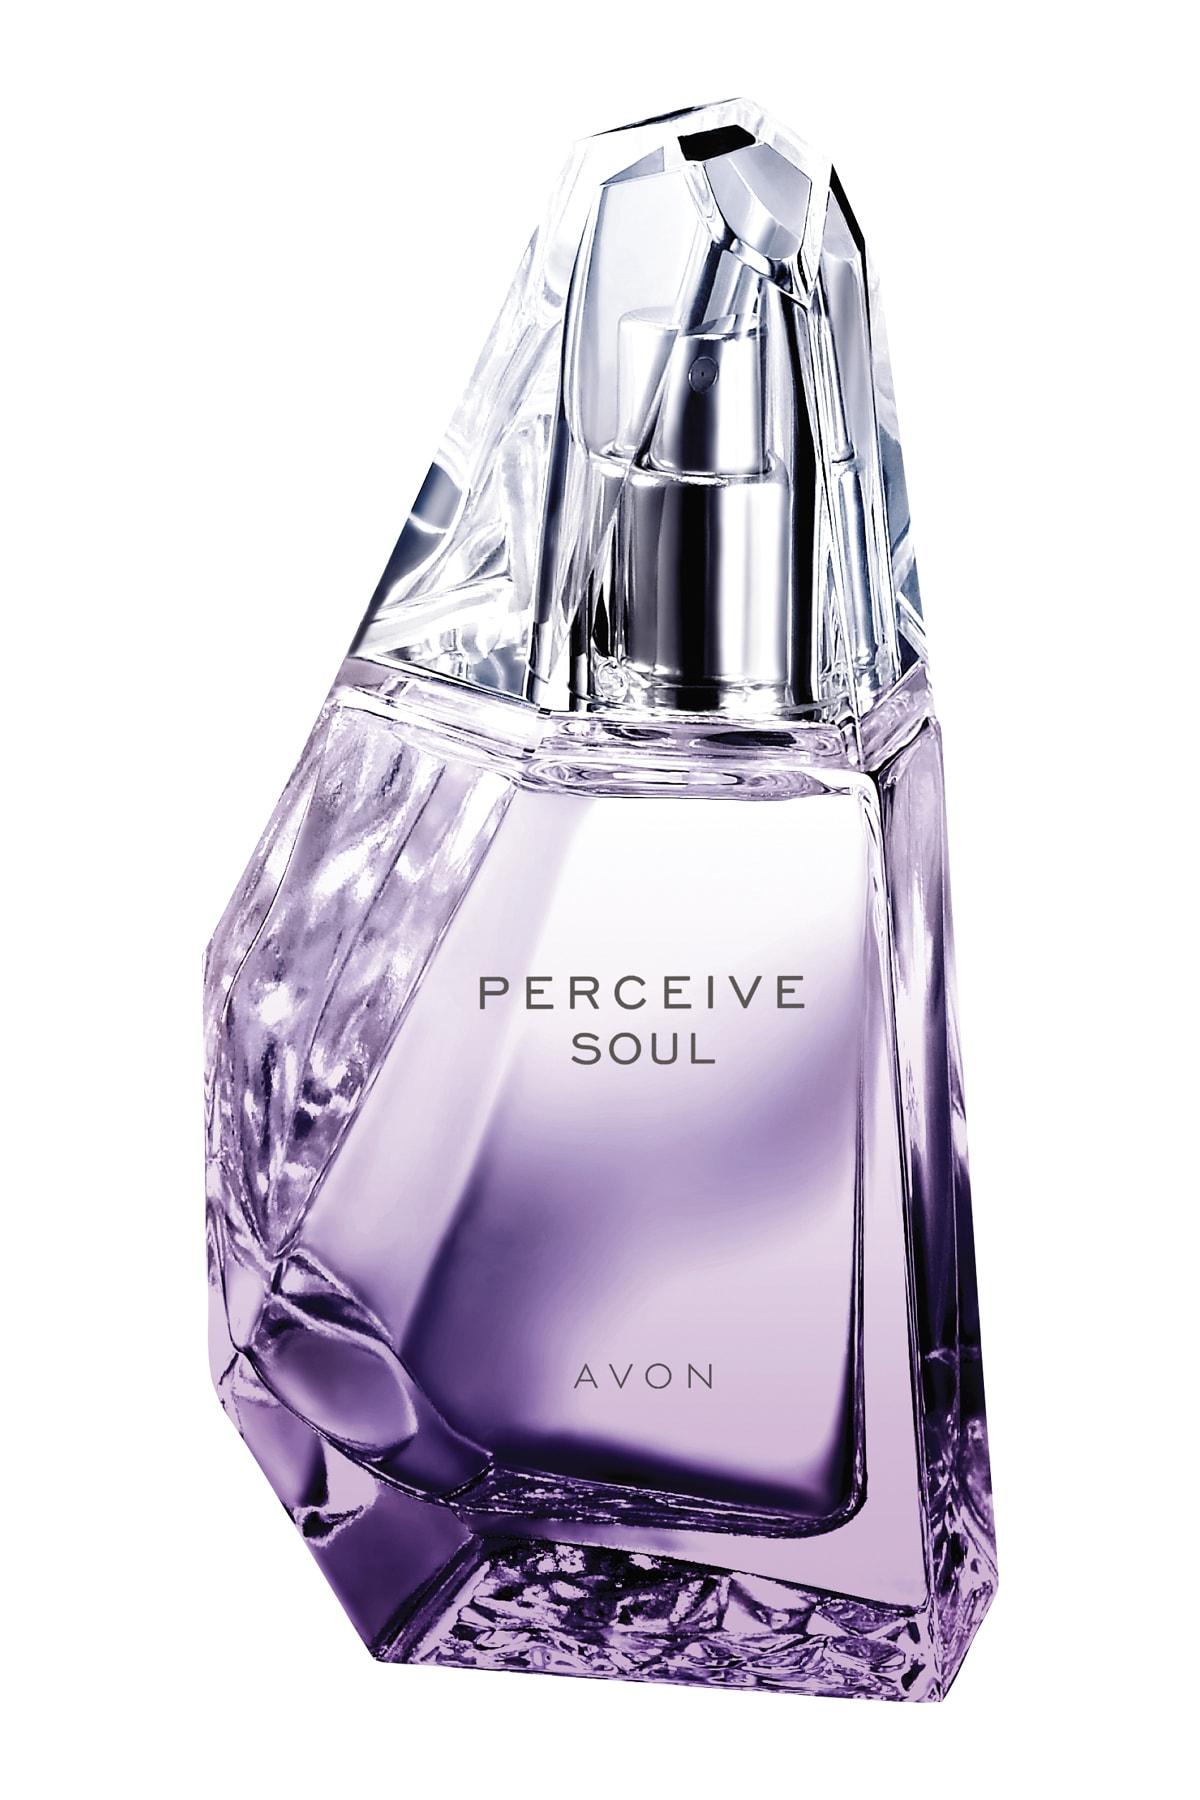 AVON Perceive Soul Edp 50 ml Kadın Parfümü 5050136124298 1